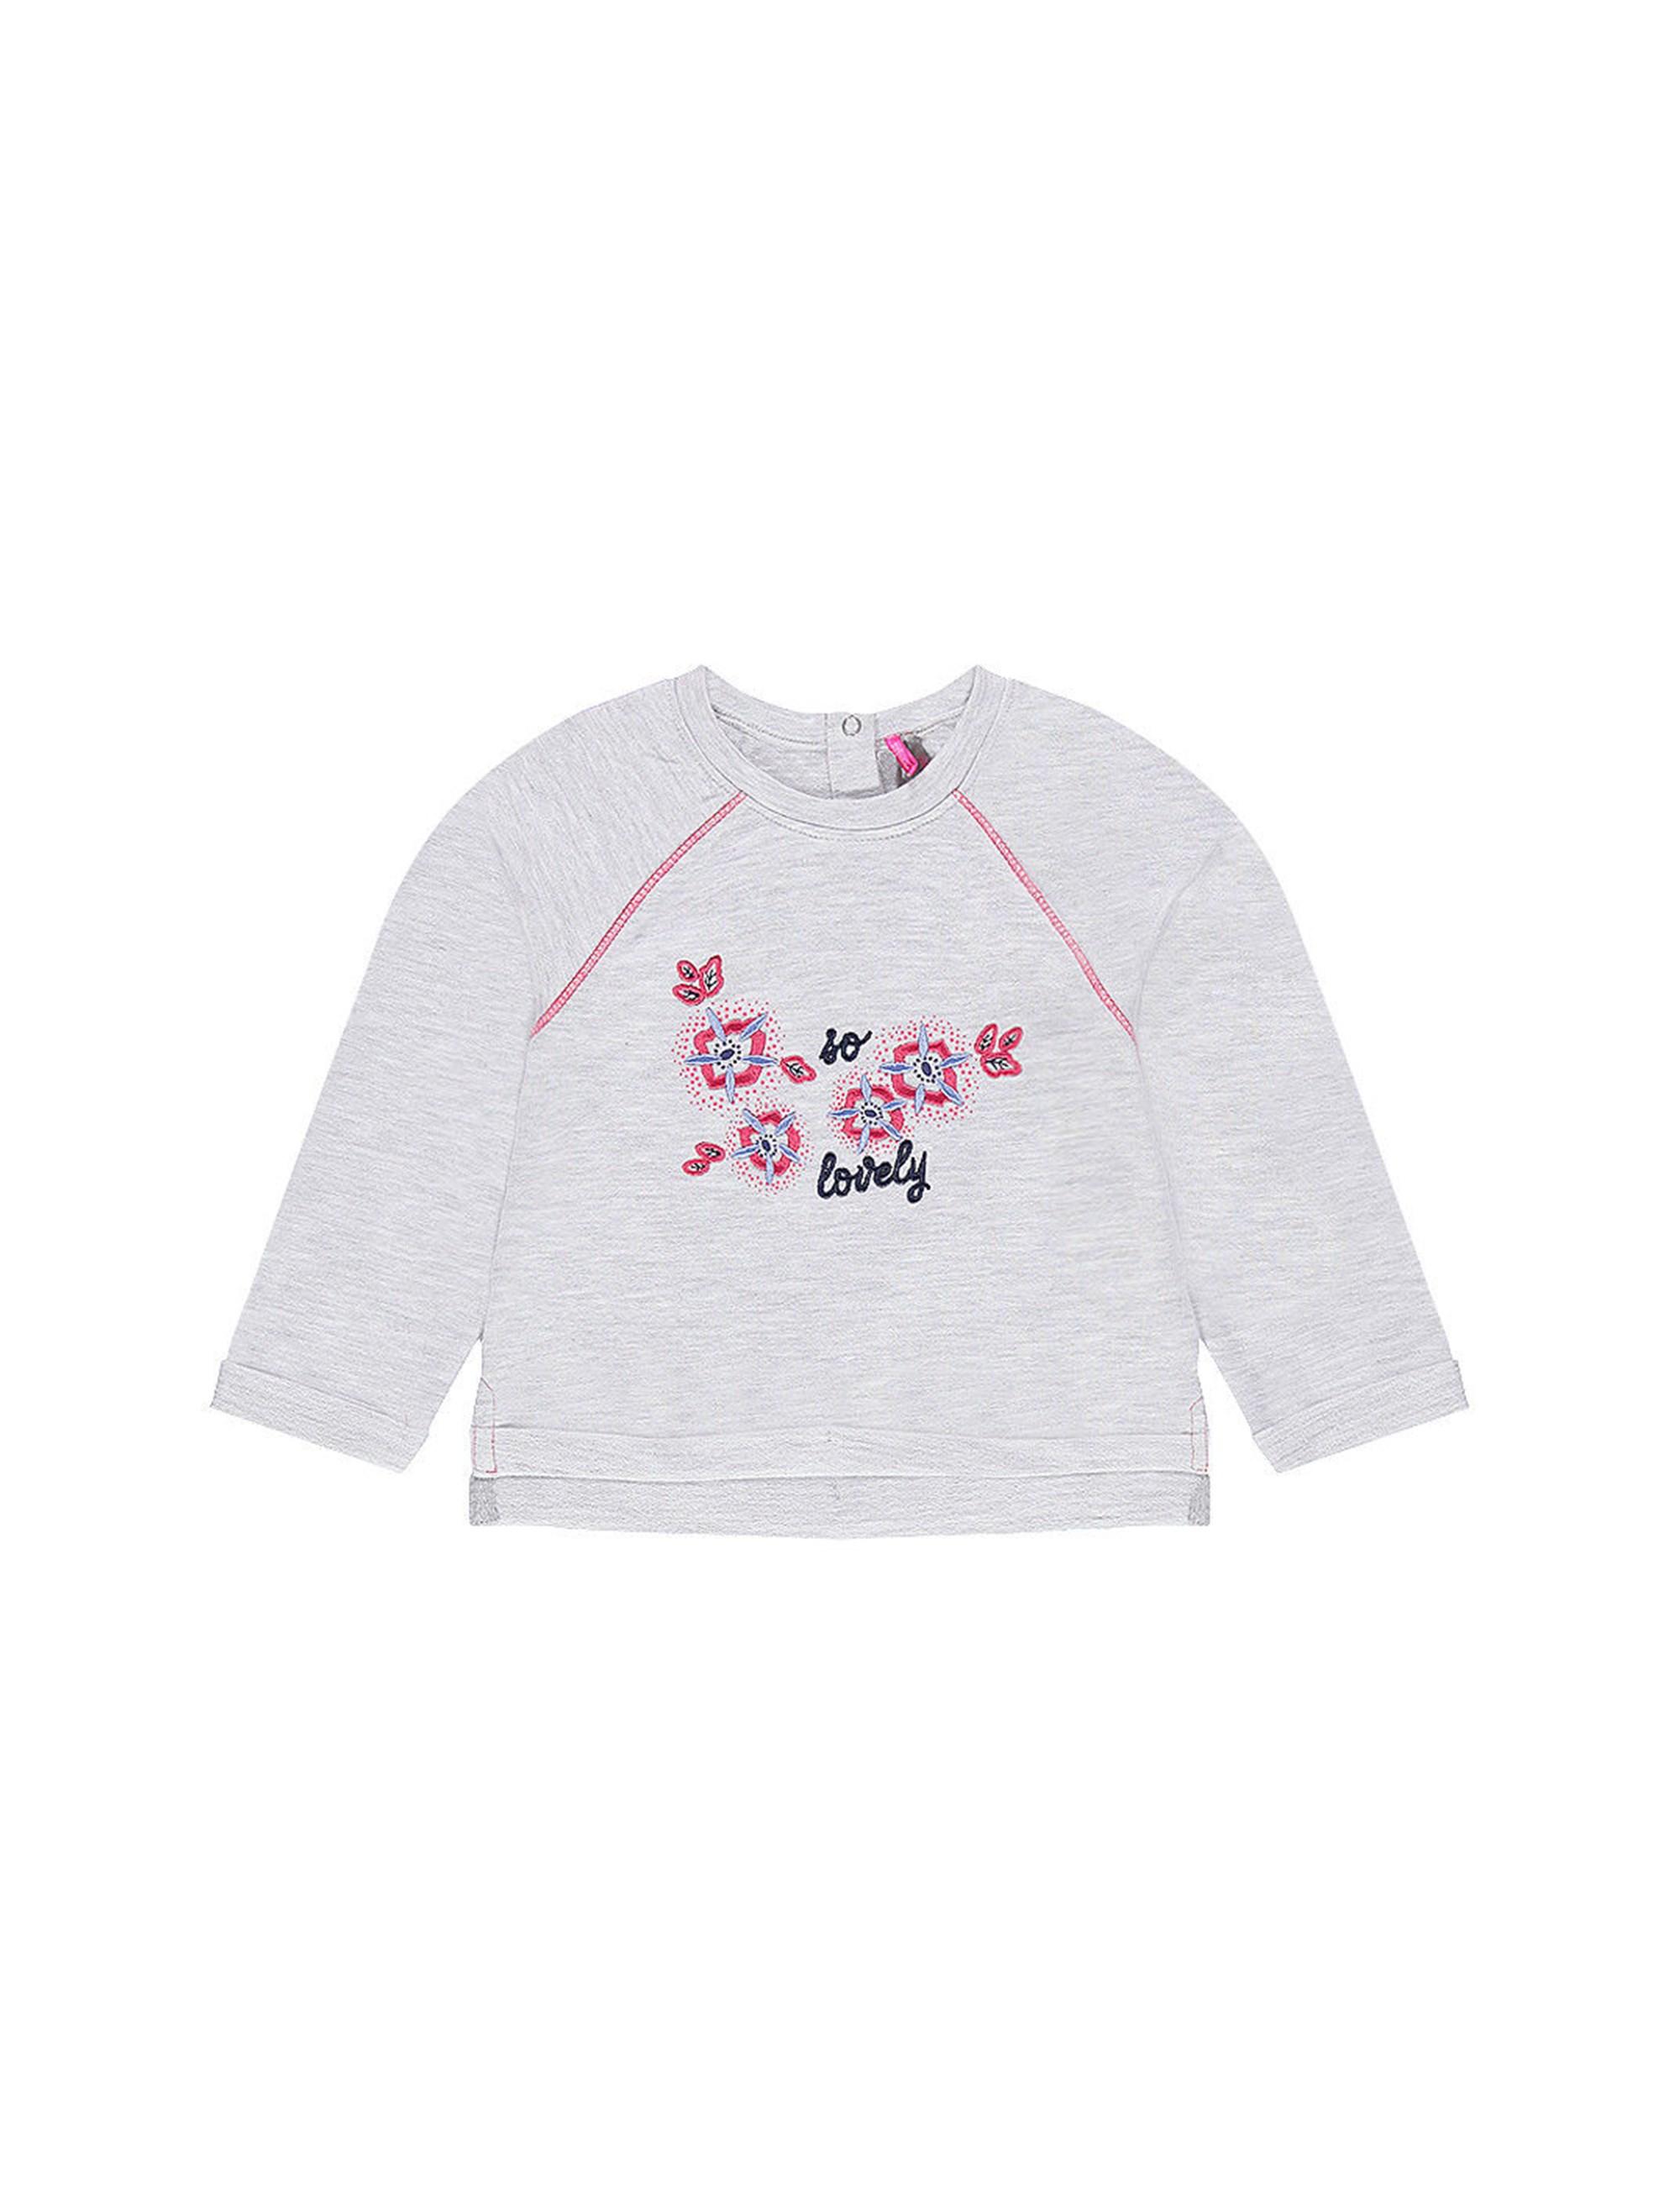 تی شرت نخی یقه گرد نوزادی دخترانه - ارکسترا - طوسي ملانژ - 1